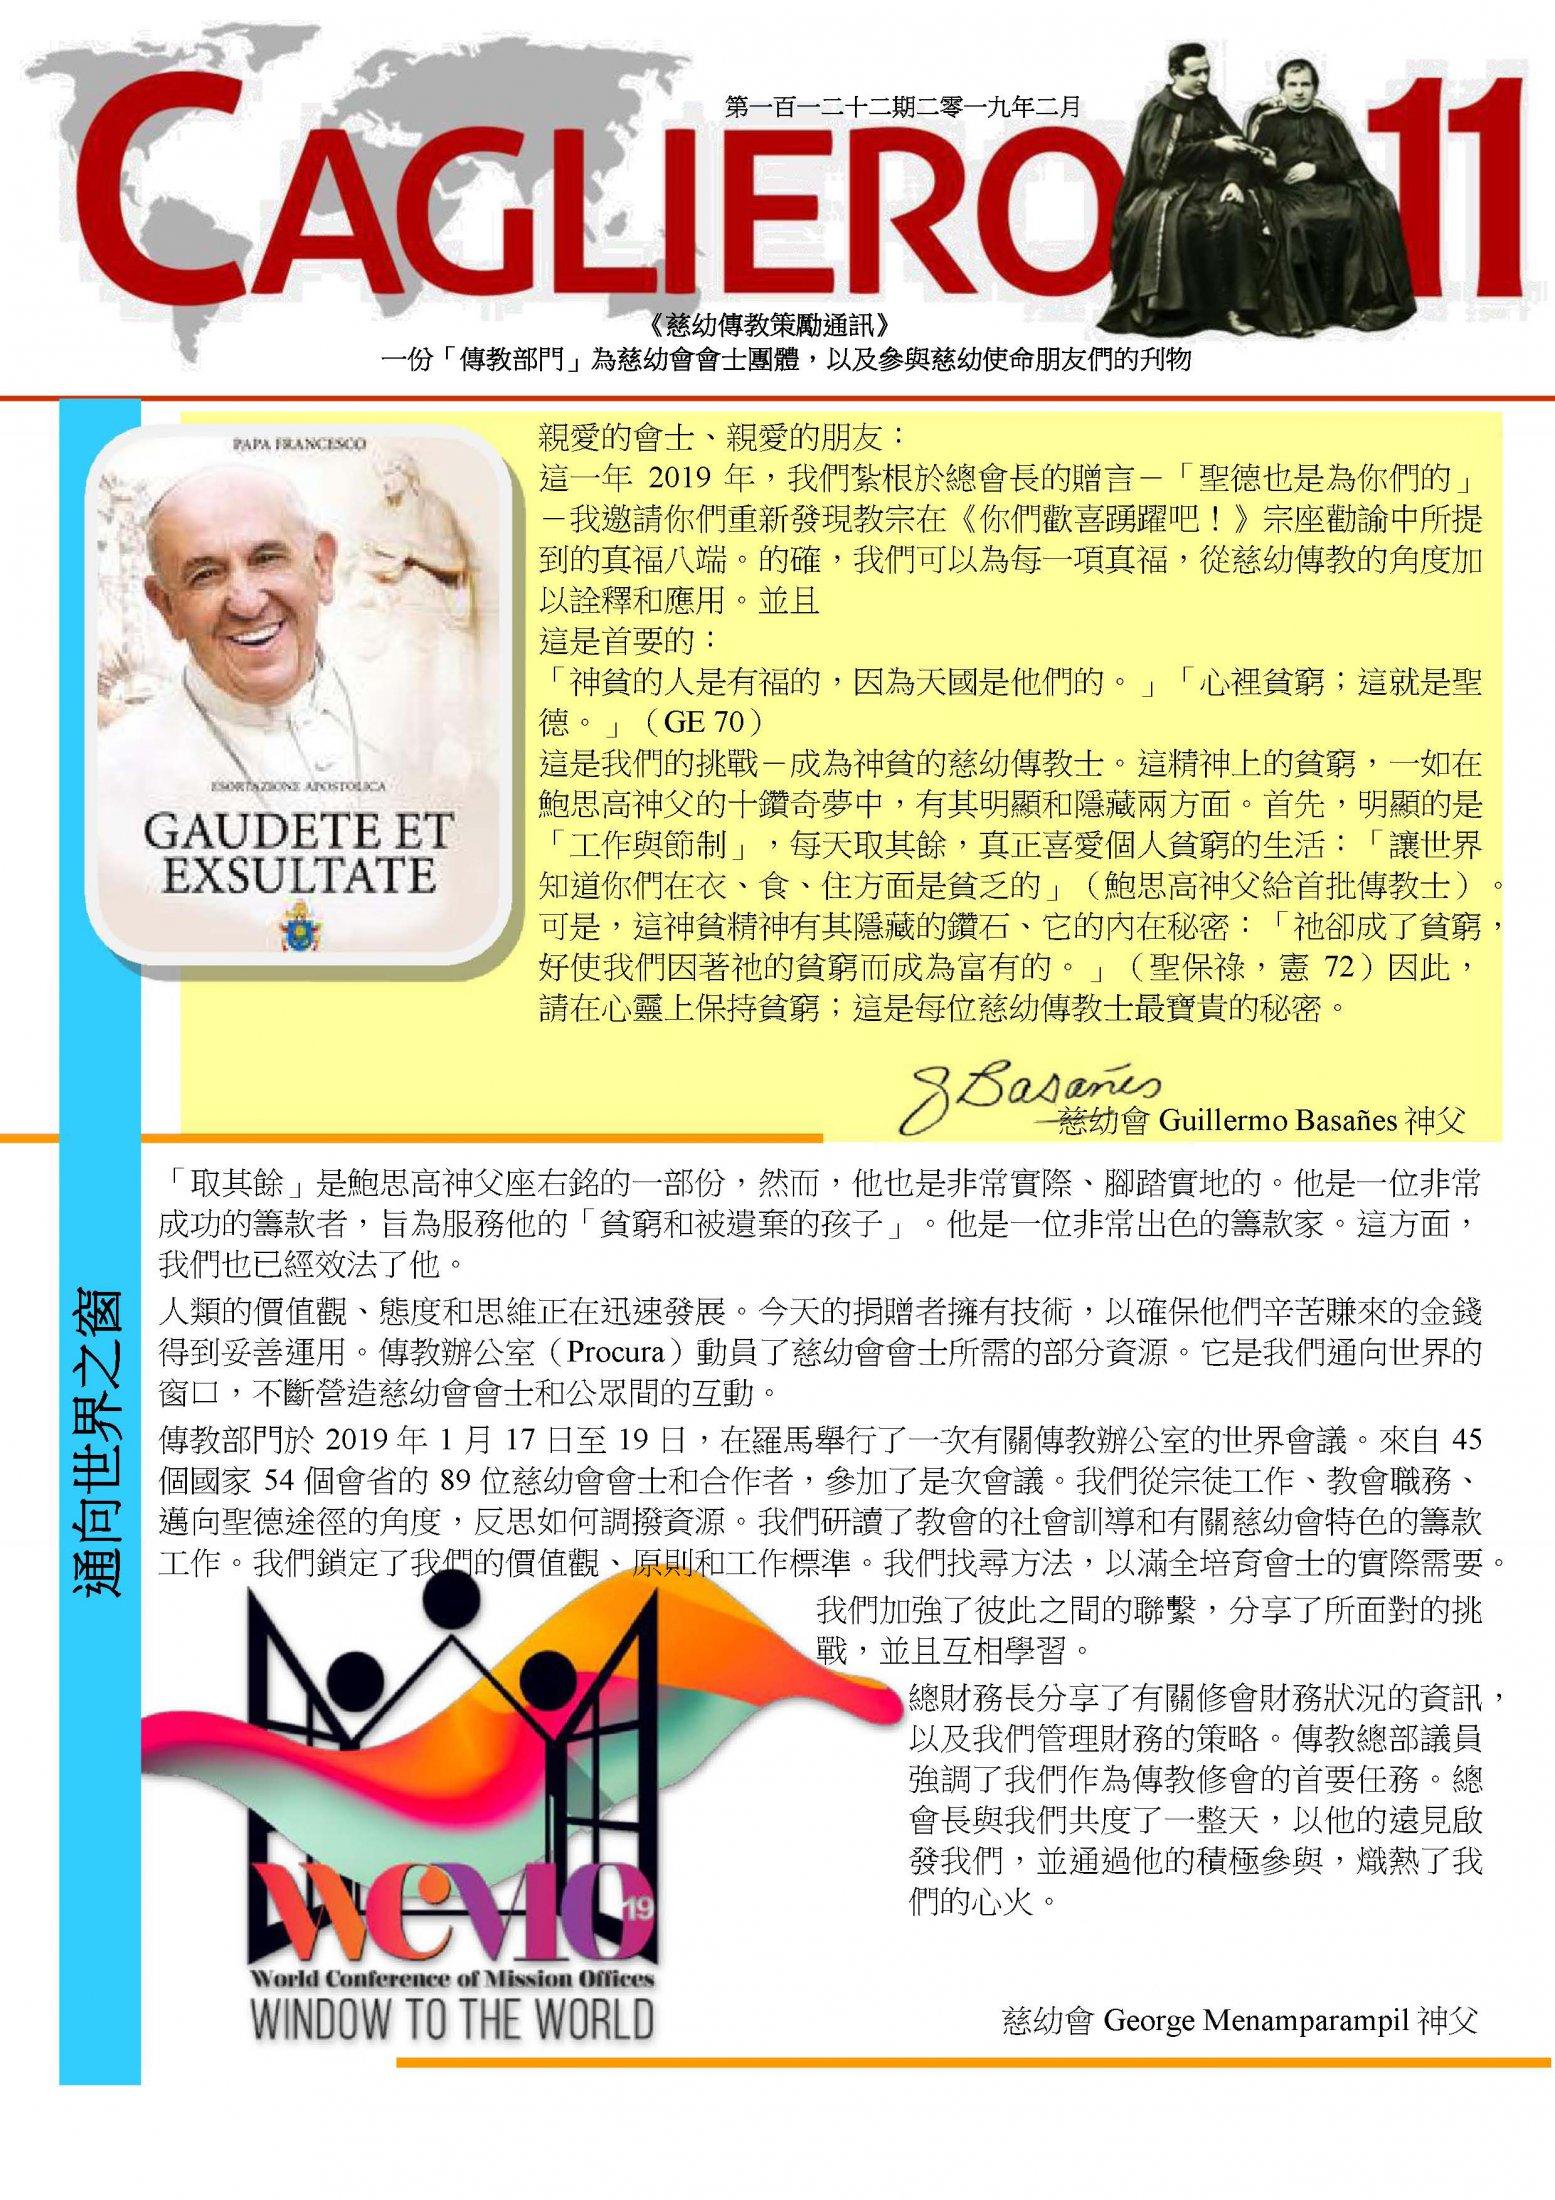 Cagliero 11 February 2019 中文 Page 1